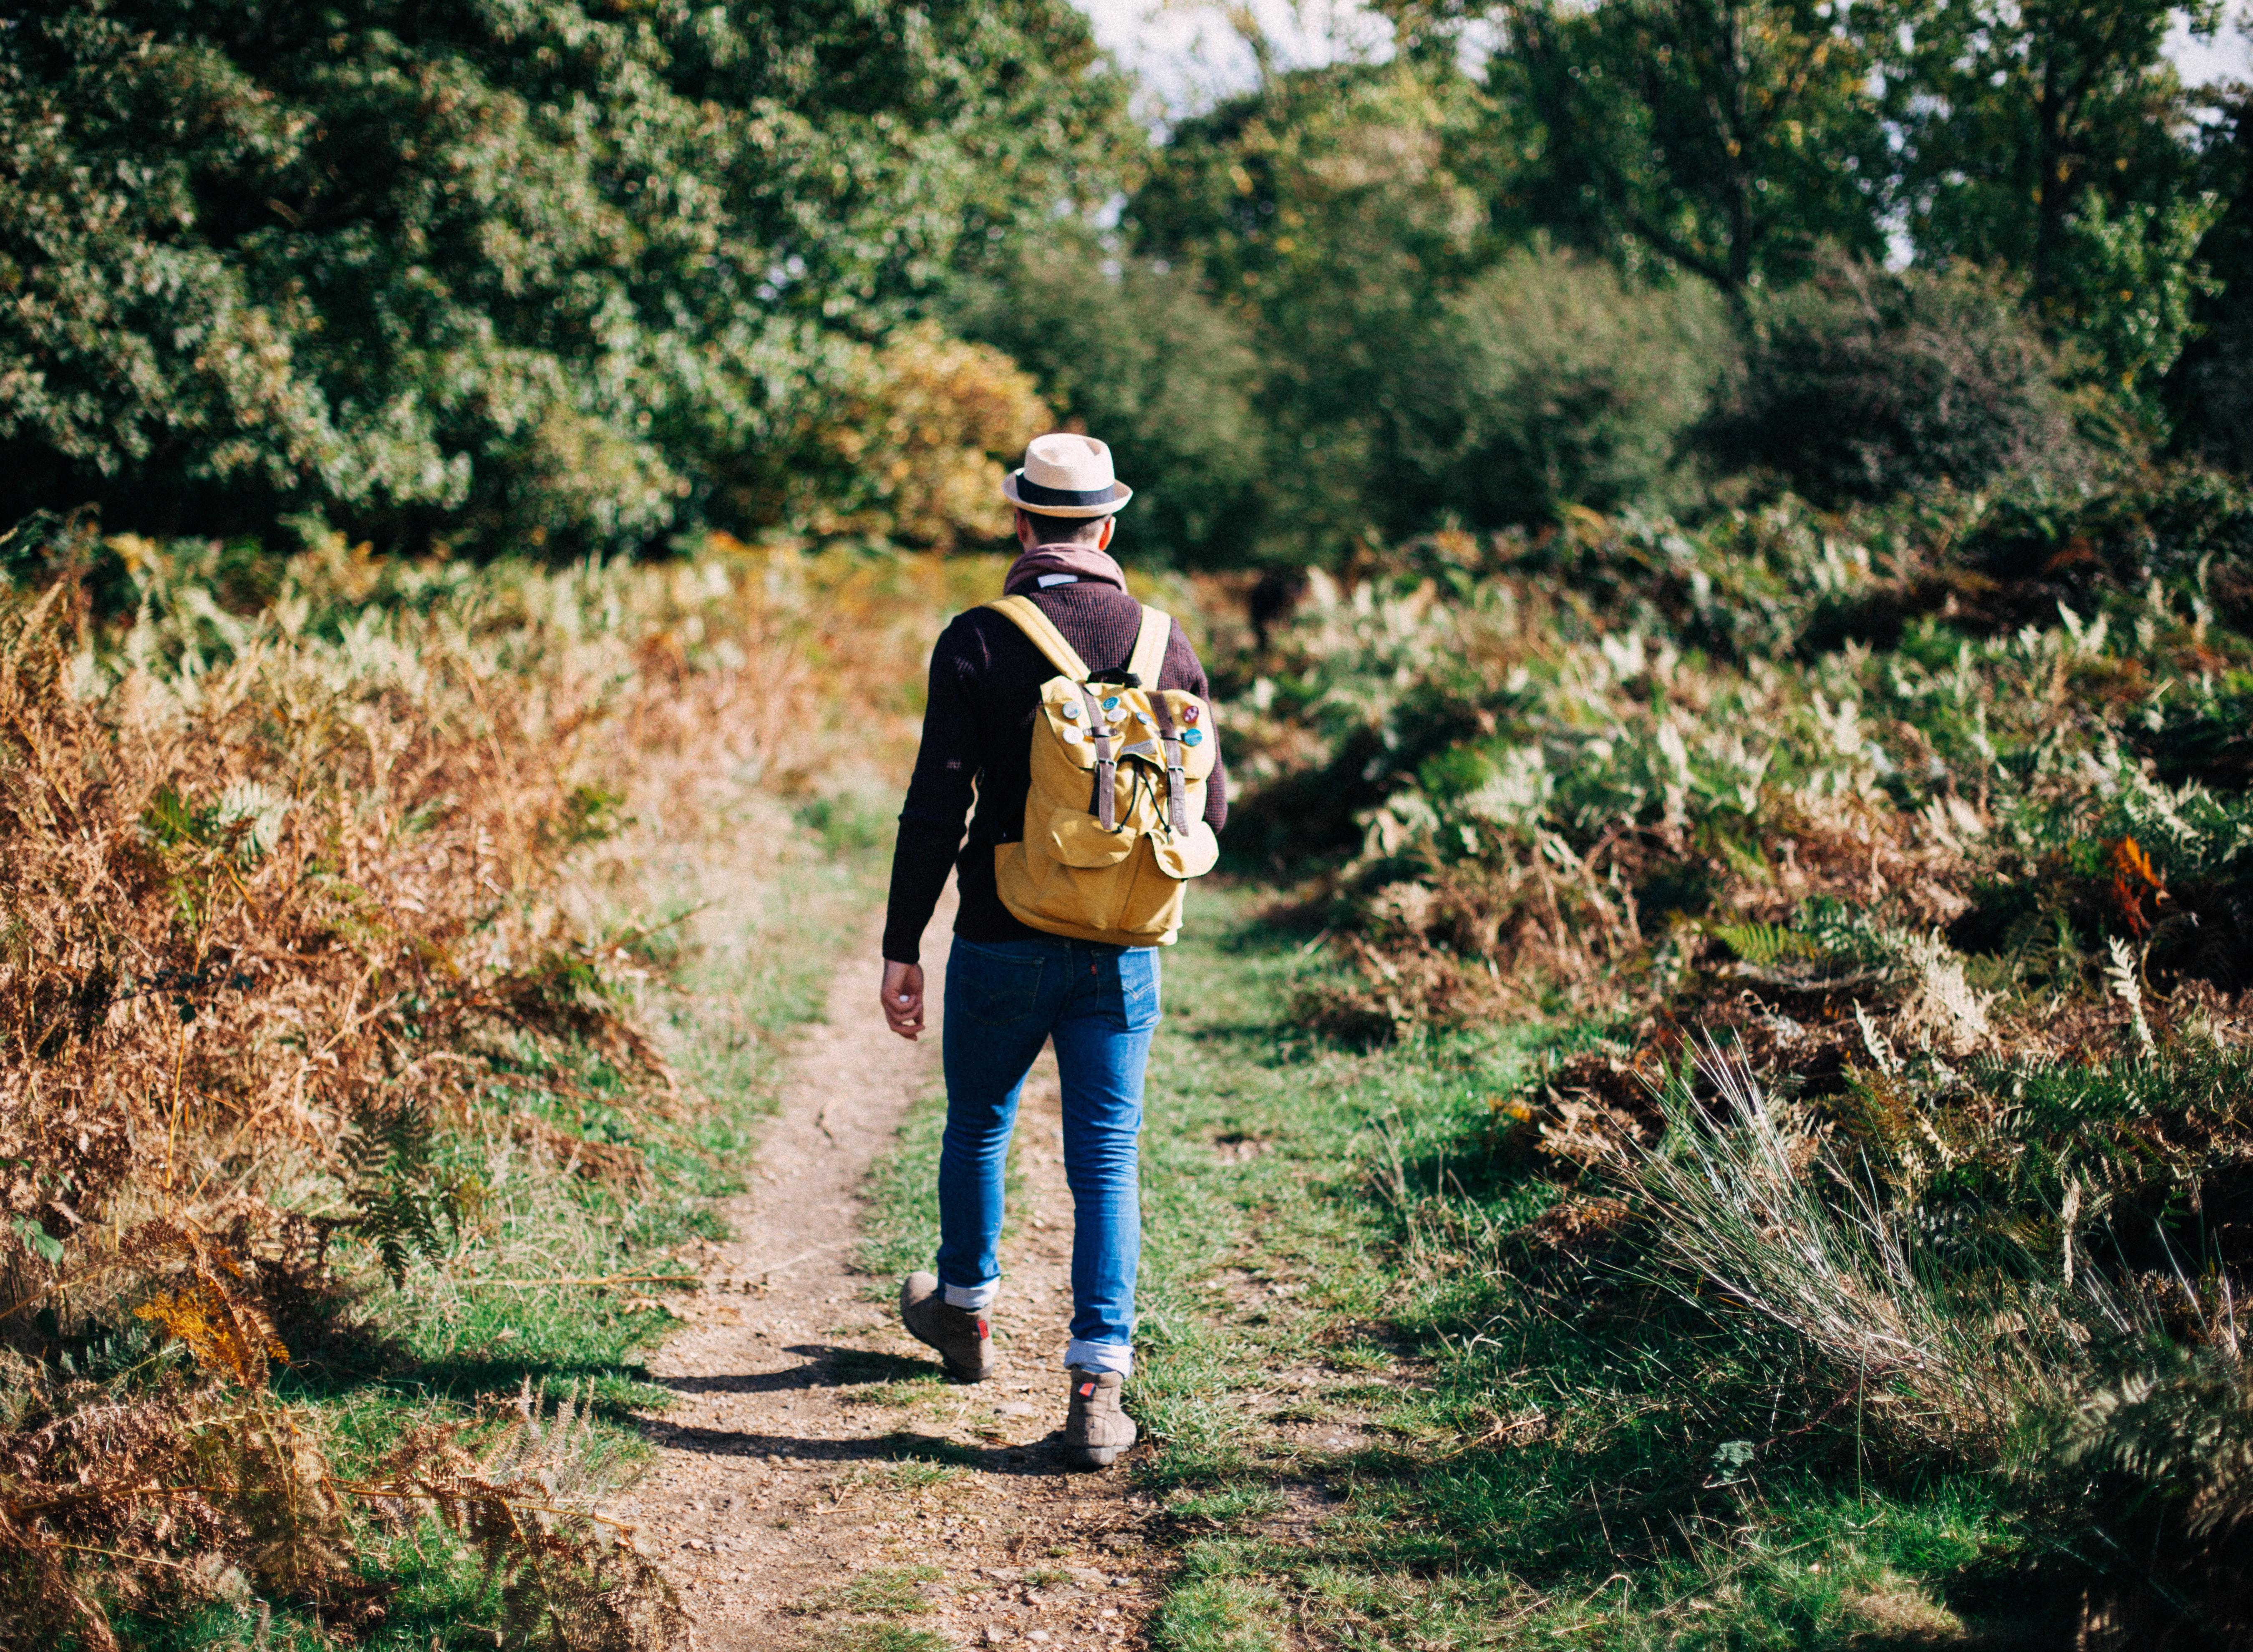 Hvad koster det at gå Caminoen